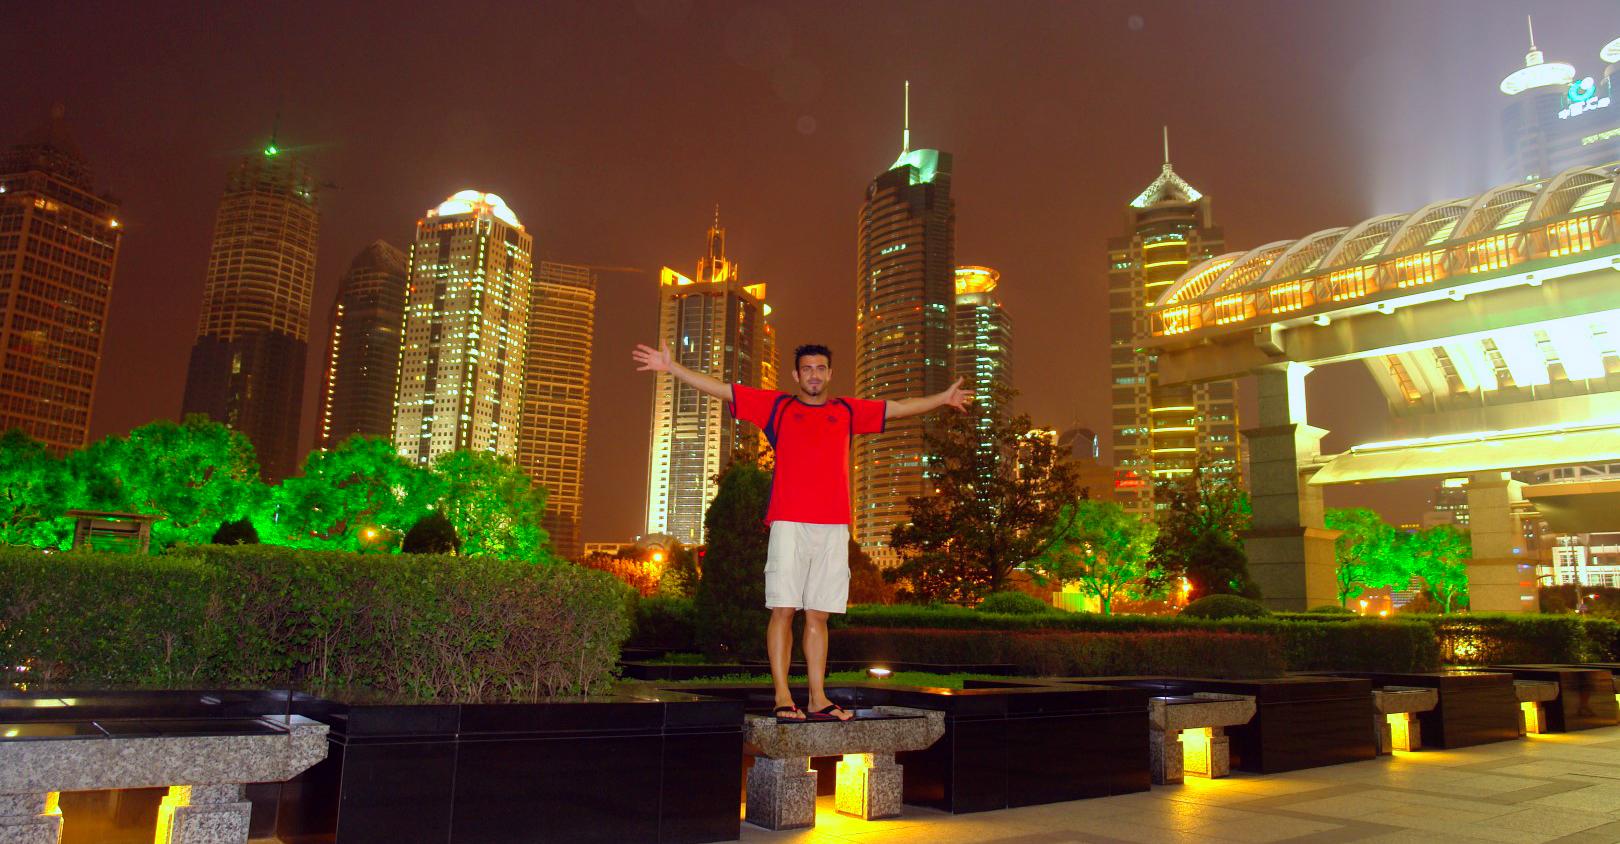 qué ver en Shanghai, China qué ver en shanghai - 32179273950 3fa89c7bce o - Qué ver en Shanghai, China